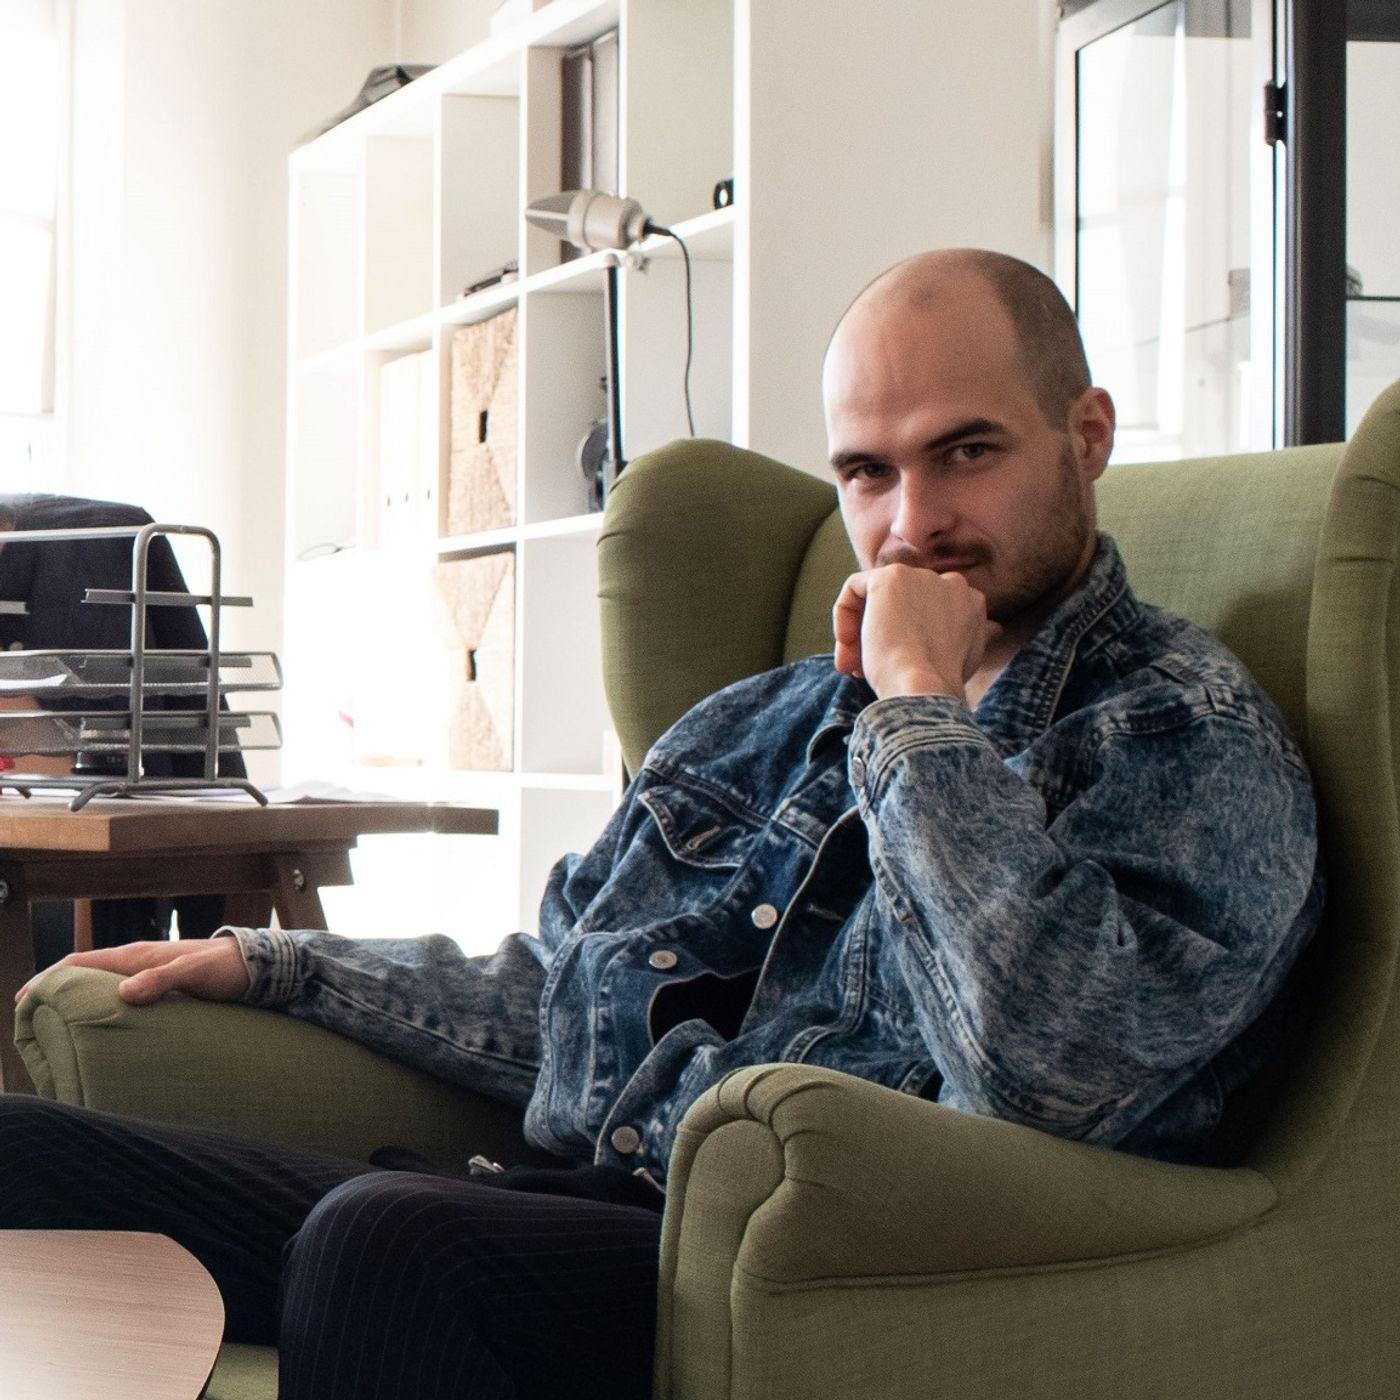 #1 Maciej Sawicki - założyciel domu produkcyjnego, drużyny esportowej, dziennikarz, influencer